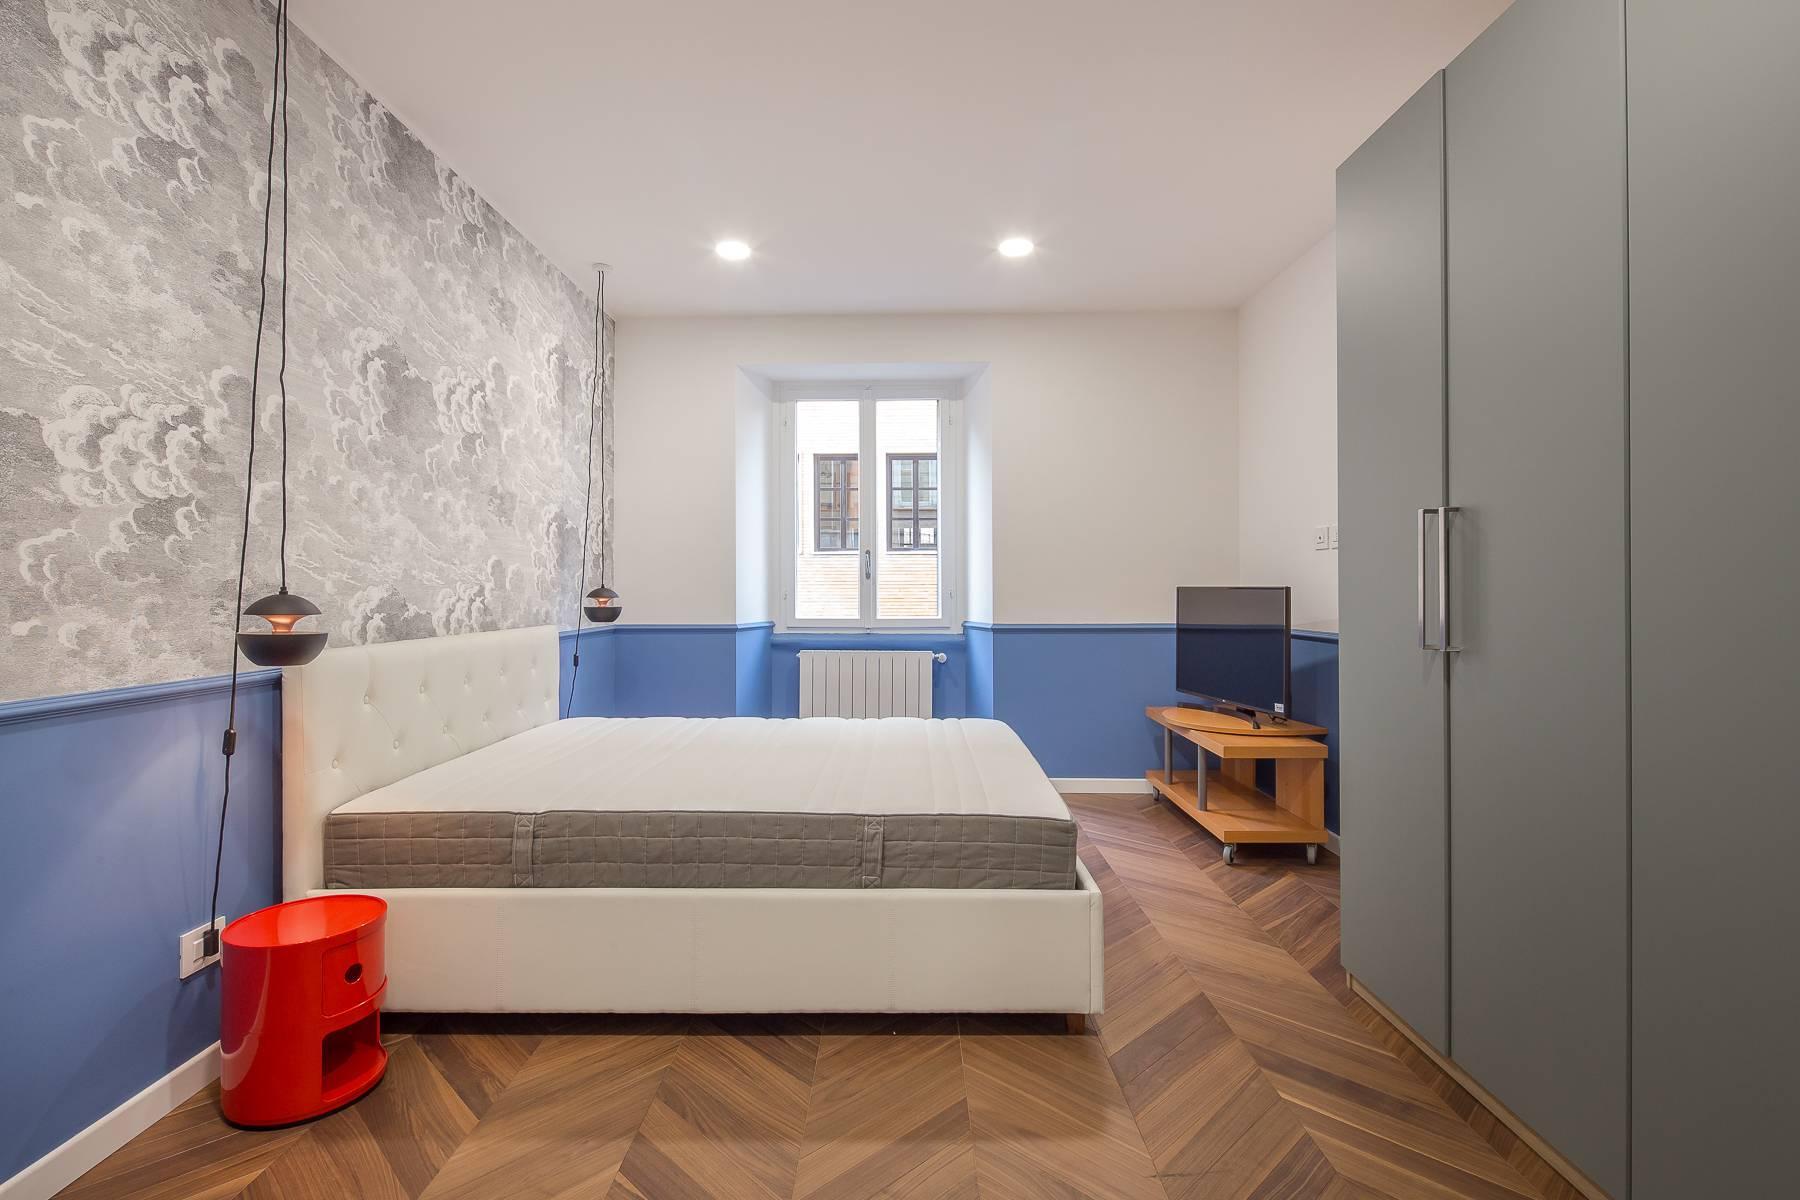 Elegante renovierte Zwei-Zimmer-Wohnung in Brera - 9